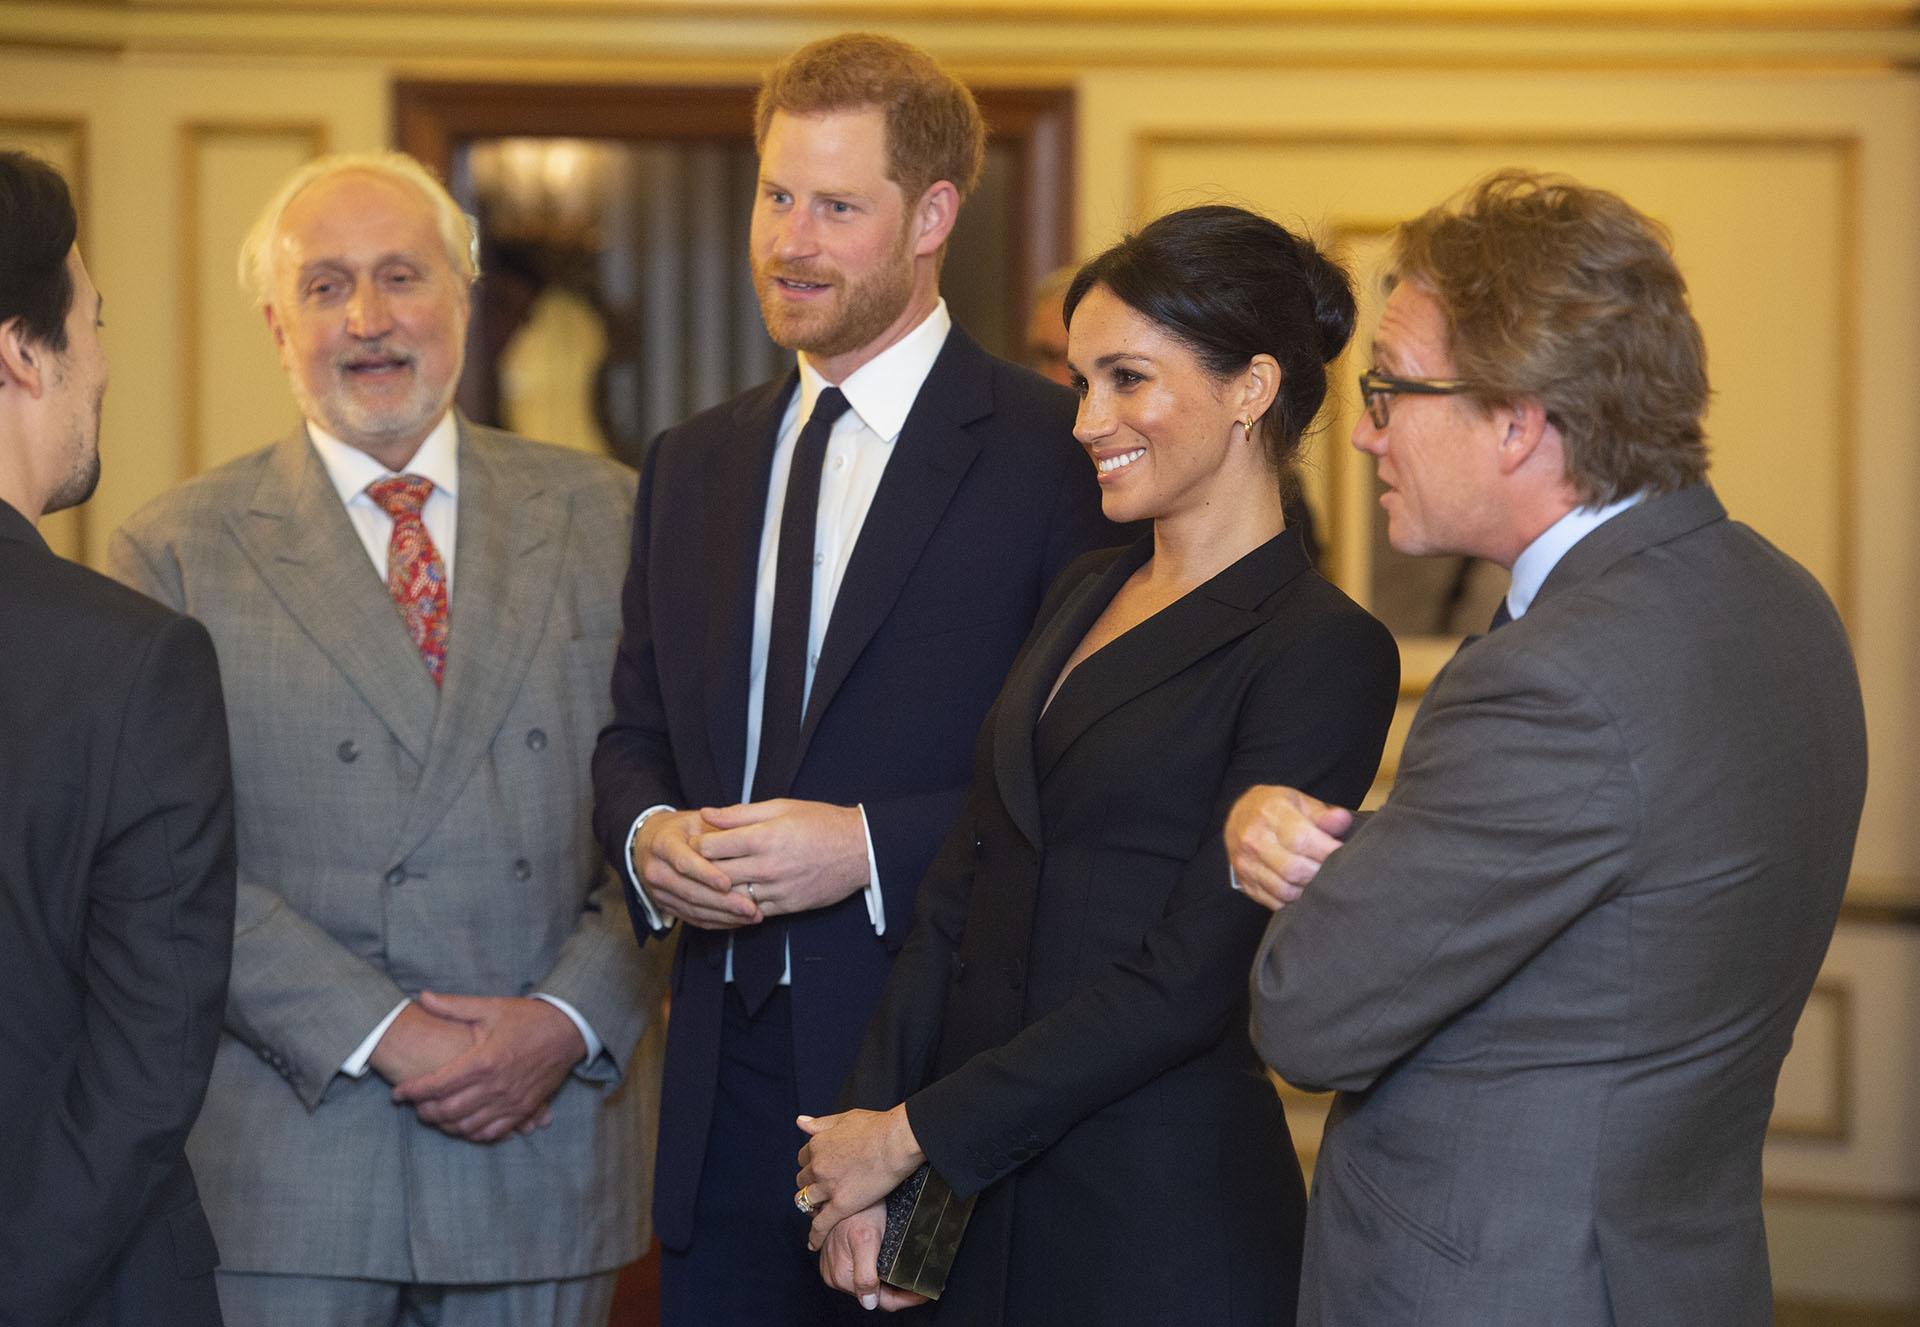 La pareja real conversa con el compositor y escritor estadounidense Lin-Manuel Miranda, quien asistió en compañía de otros invitados